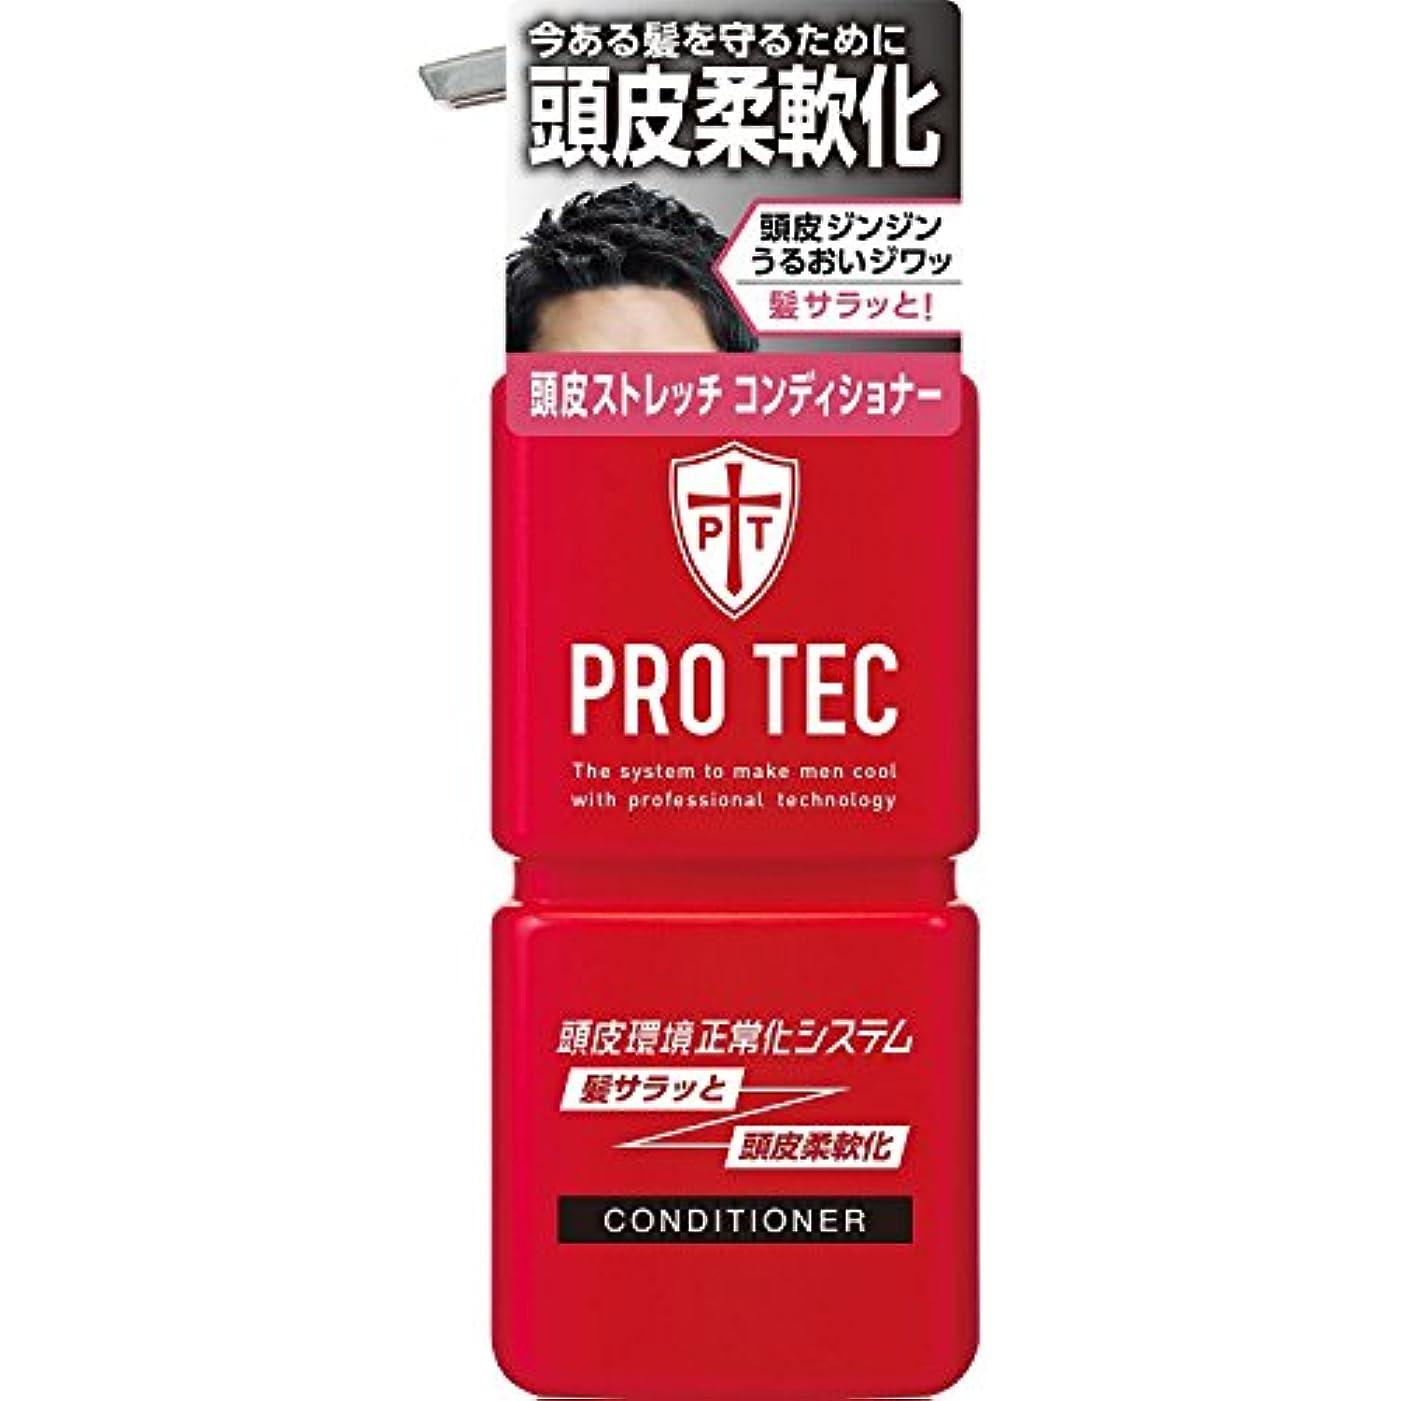 マネージャー候補者珍しいPRO TEC(プロテク) 頭皮ストレッチ コンディショナー 本体ポンプ 300g